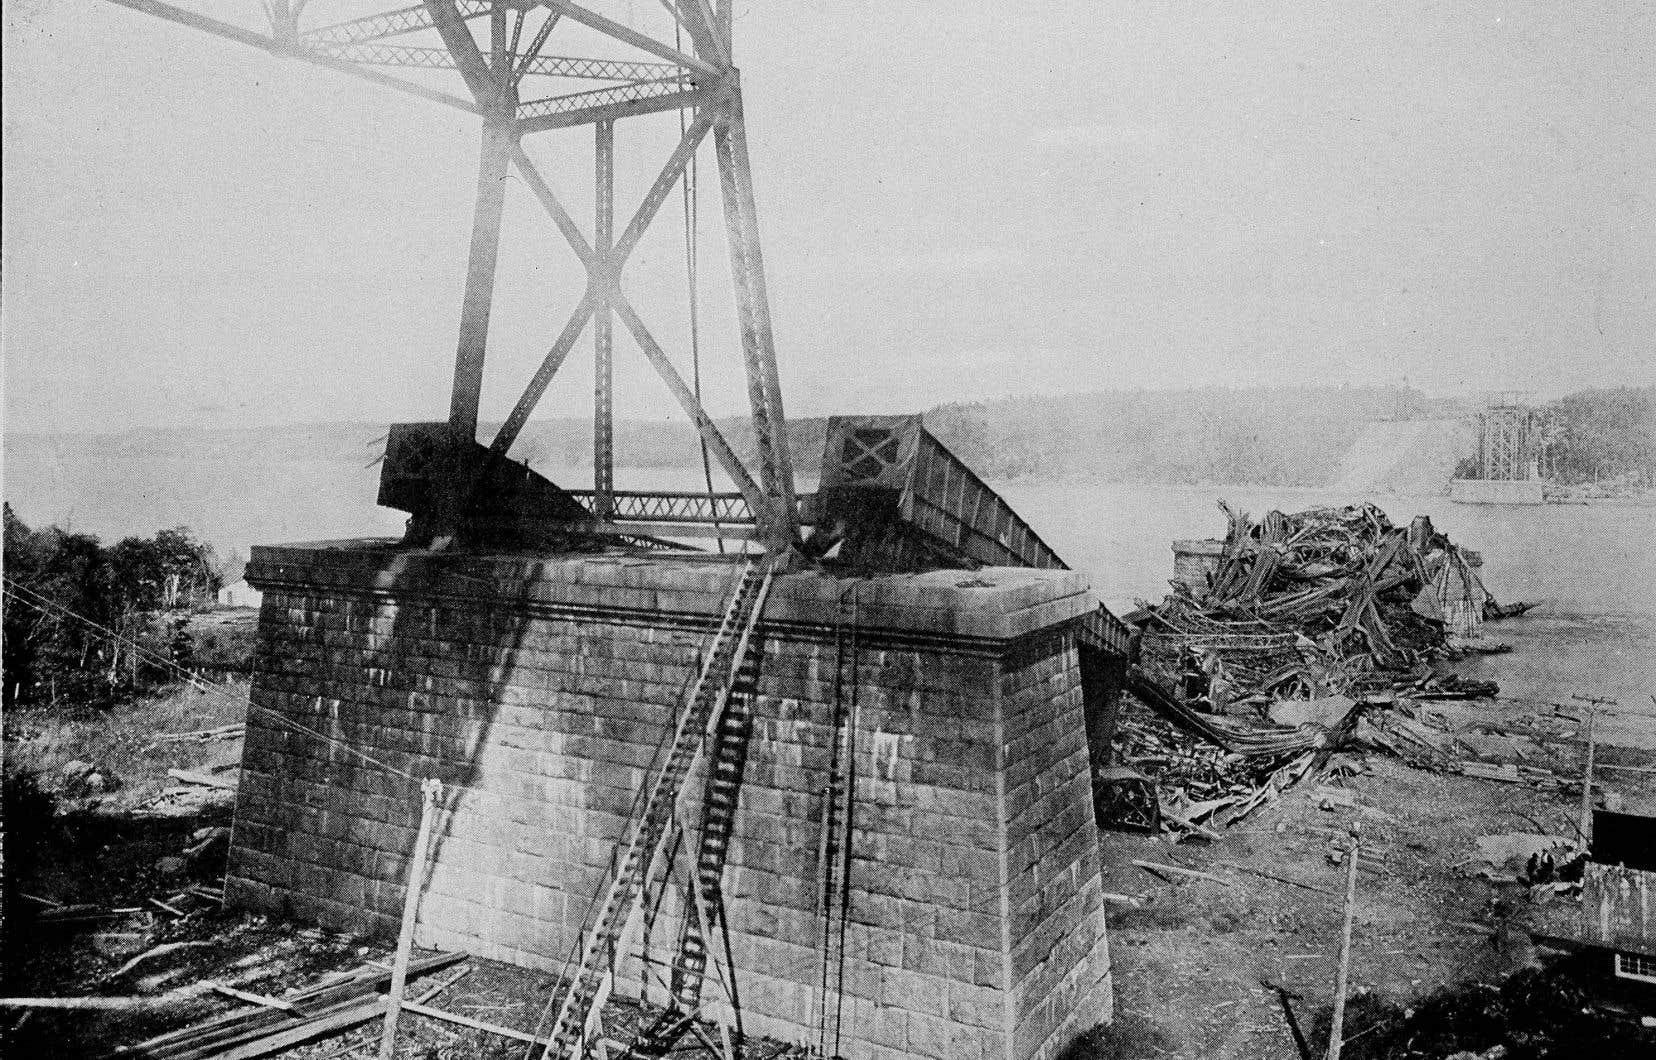 Les travaux de construction du pont de Québec vont bon train jusqu'en 1907, moment où le pilier de la structure s'effondre, tuant 76 hommes. C'est la première de deux catastrophes qui feront entrer cette structure dans la légende.